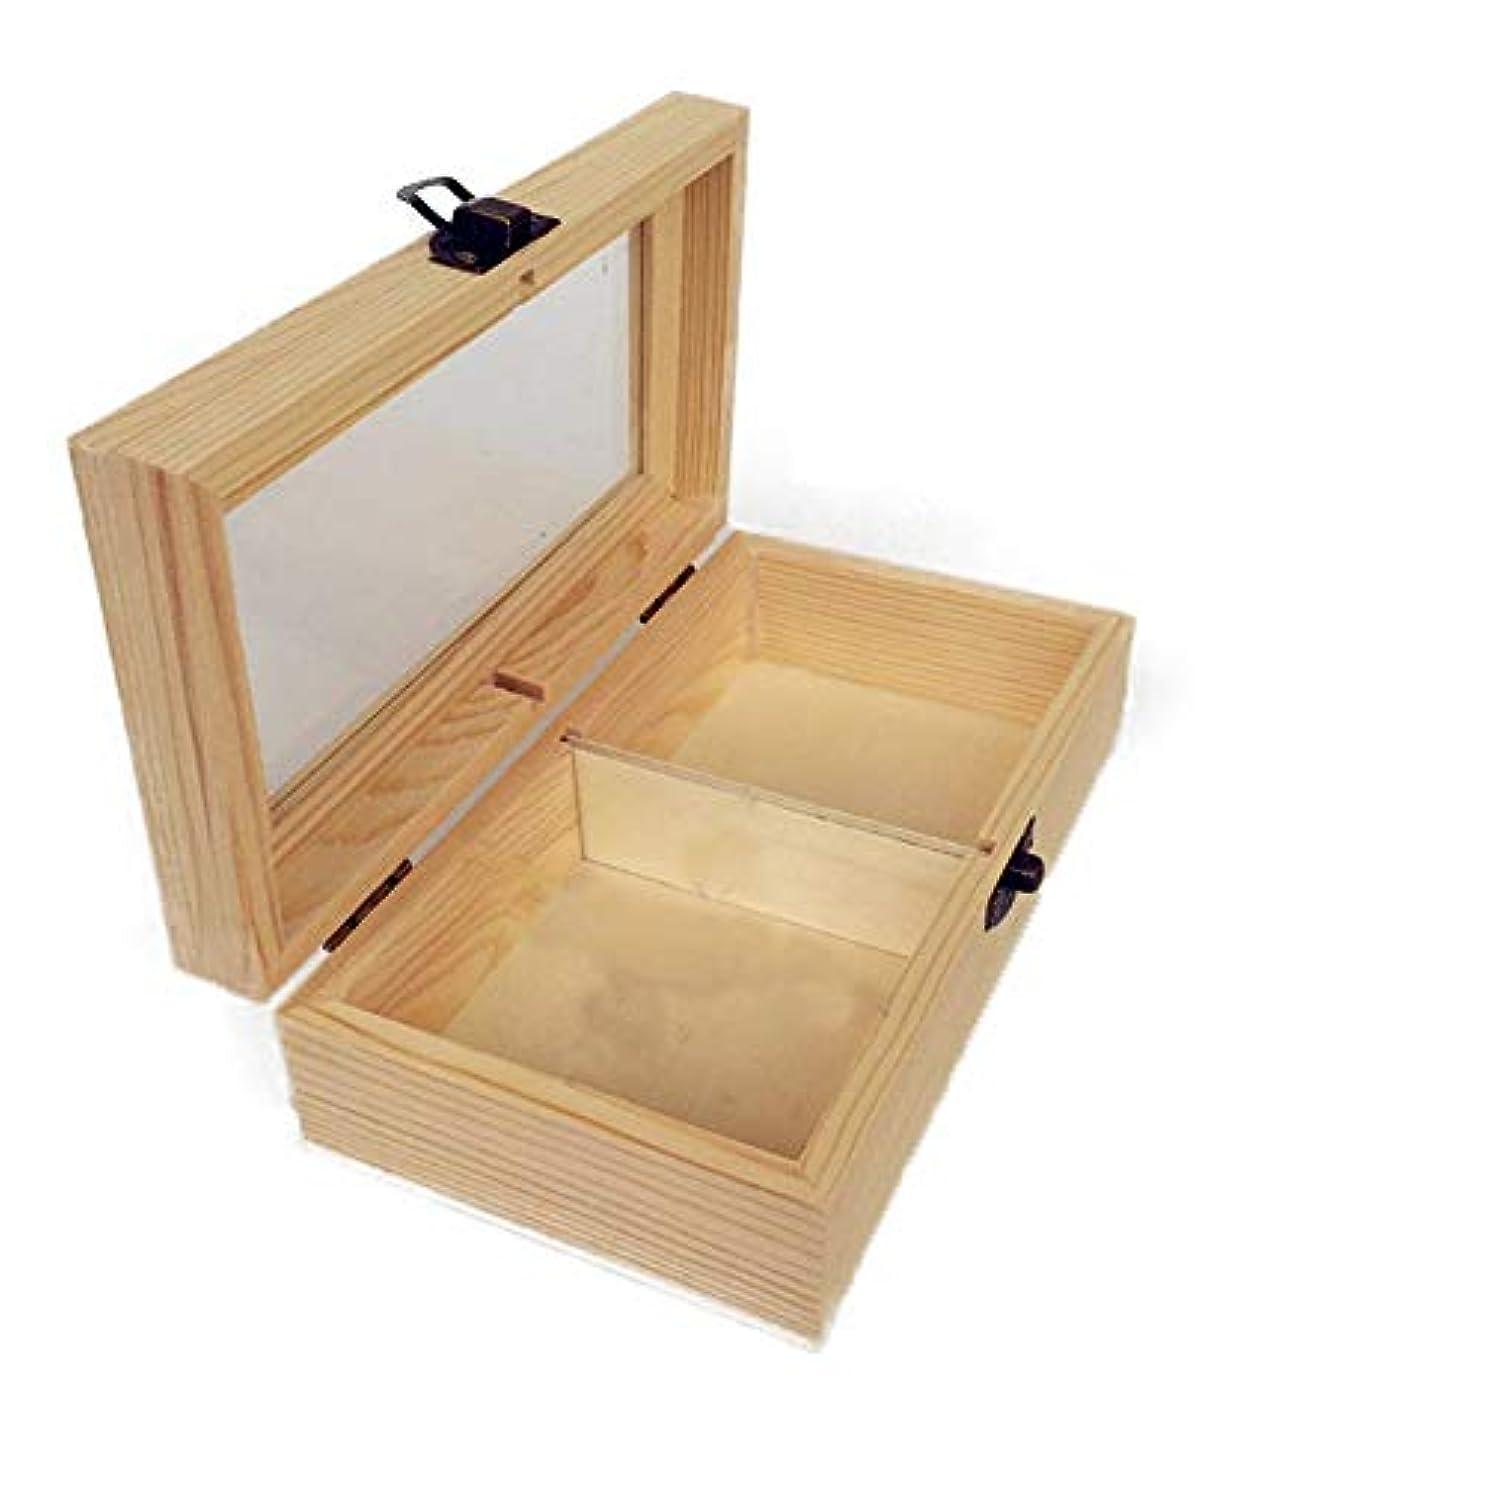 テンポ白雪姫禁止するエッセンシャルオイルストレージボックス プレゼンテーションのために手作りの木製ギフトボックスパーフェクトエッセンシャルオイルケースにエッセンシャルオイルは、被害太陽光からあなたの油を保護します 旅行およびプレゼンテーション...